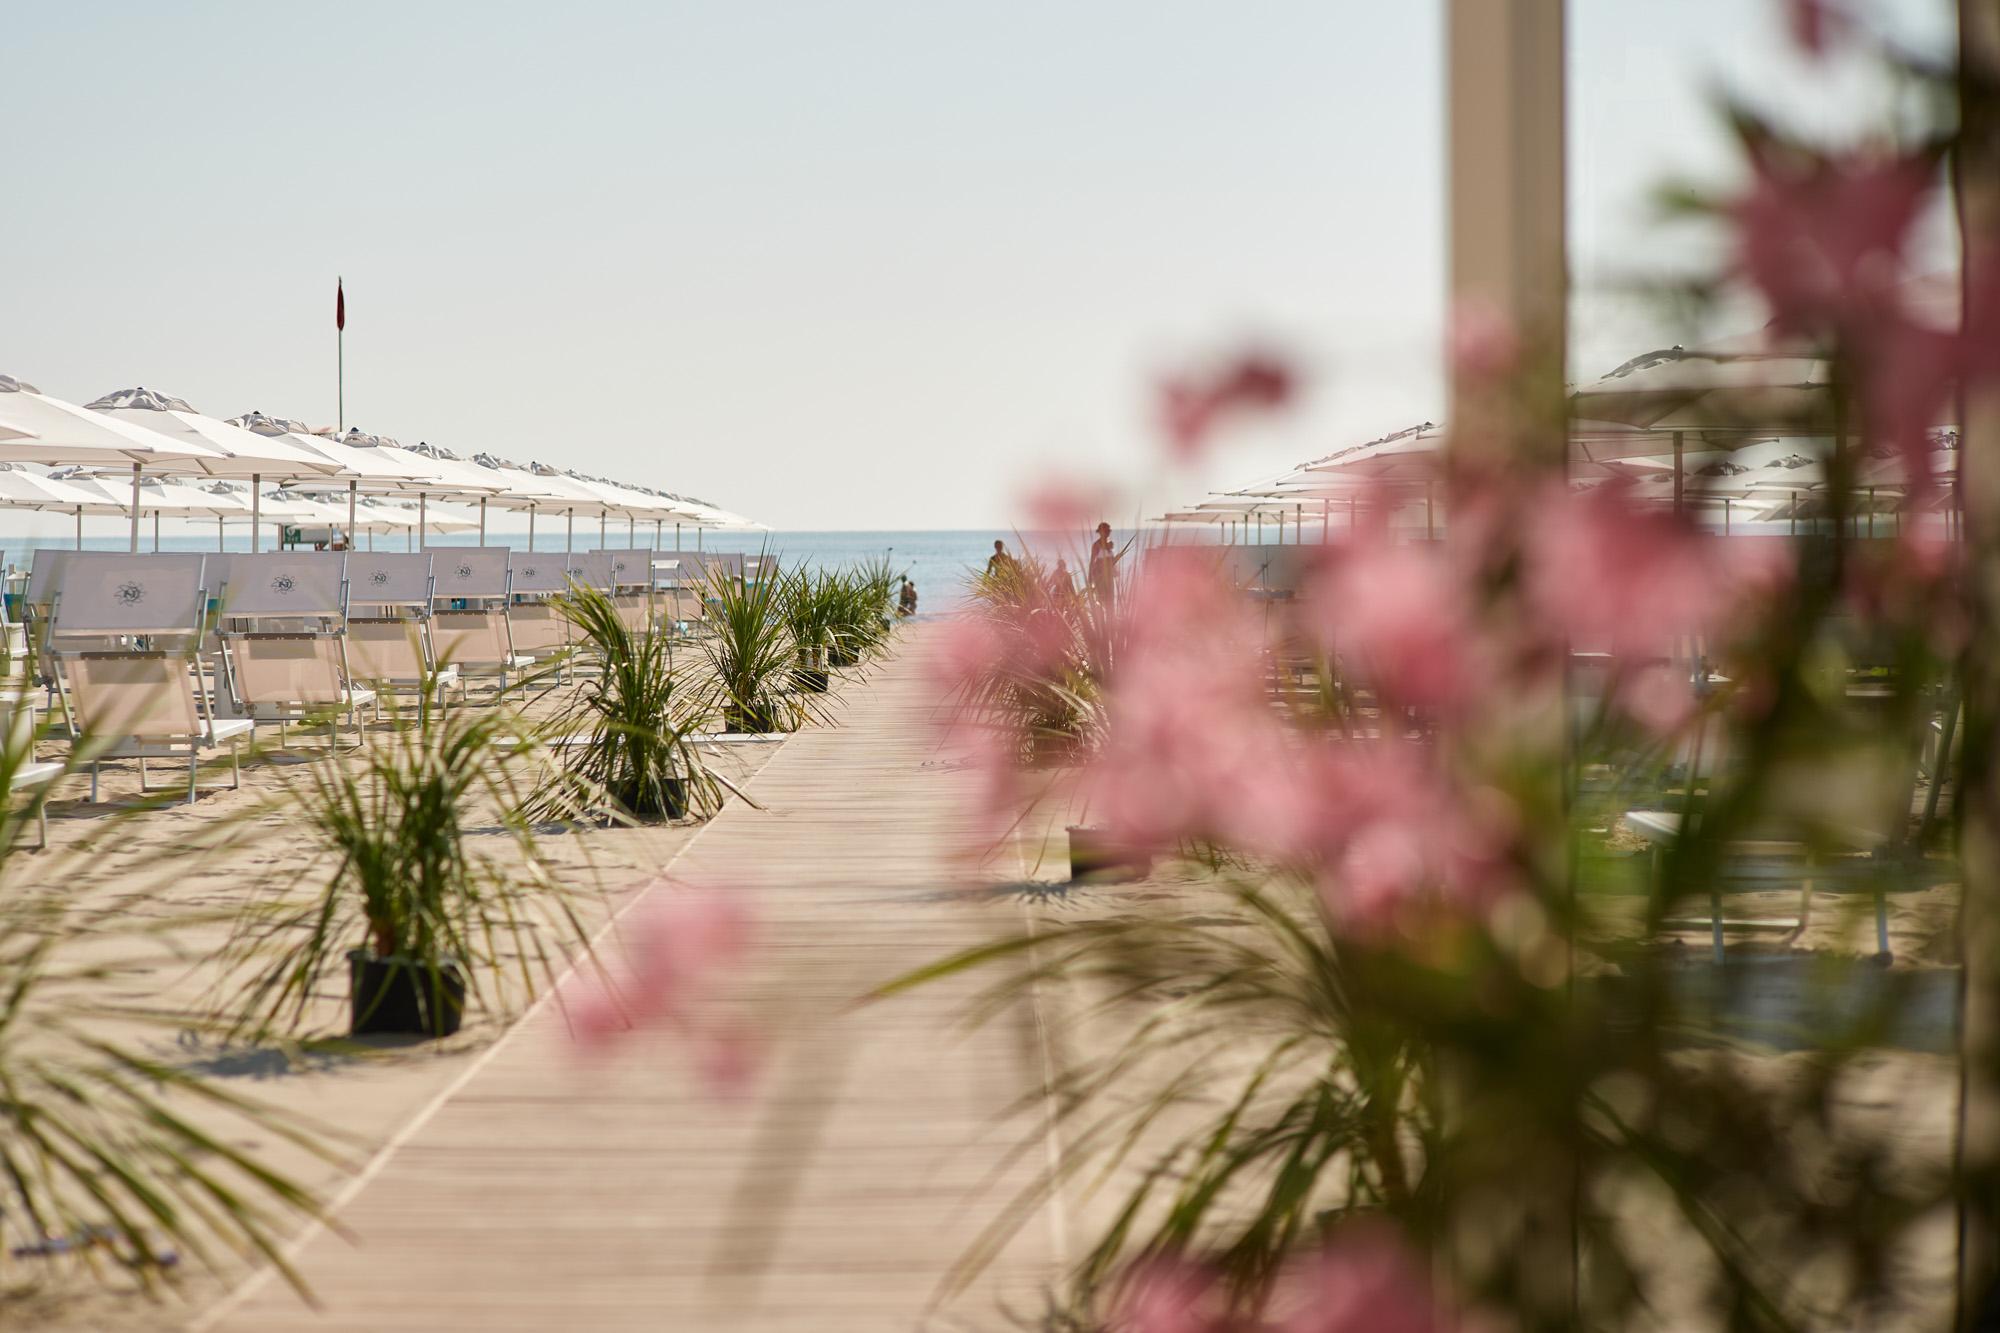 bagno giuliano 247 milano marittima spiaggia distanzia bagno con parcheggio privato bagno con parcheggio privatota 25 metri quadrati per ombrellone e aperitivo sulla spiaggia